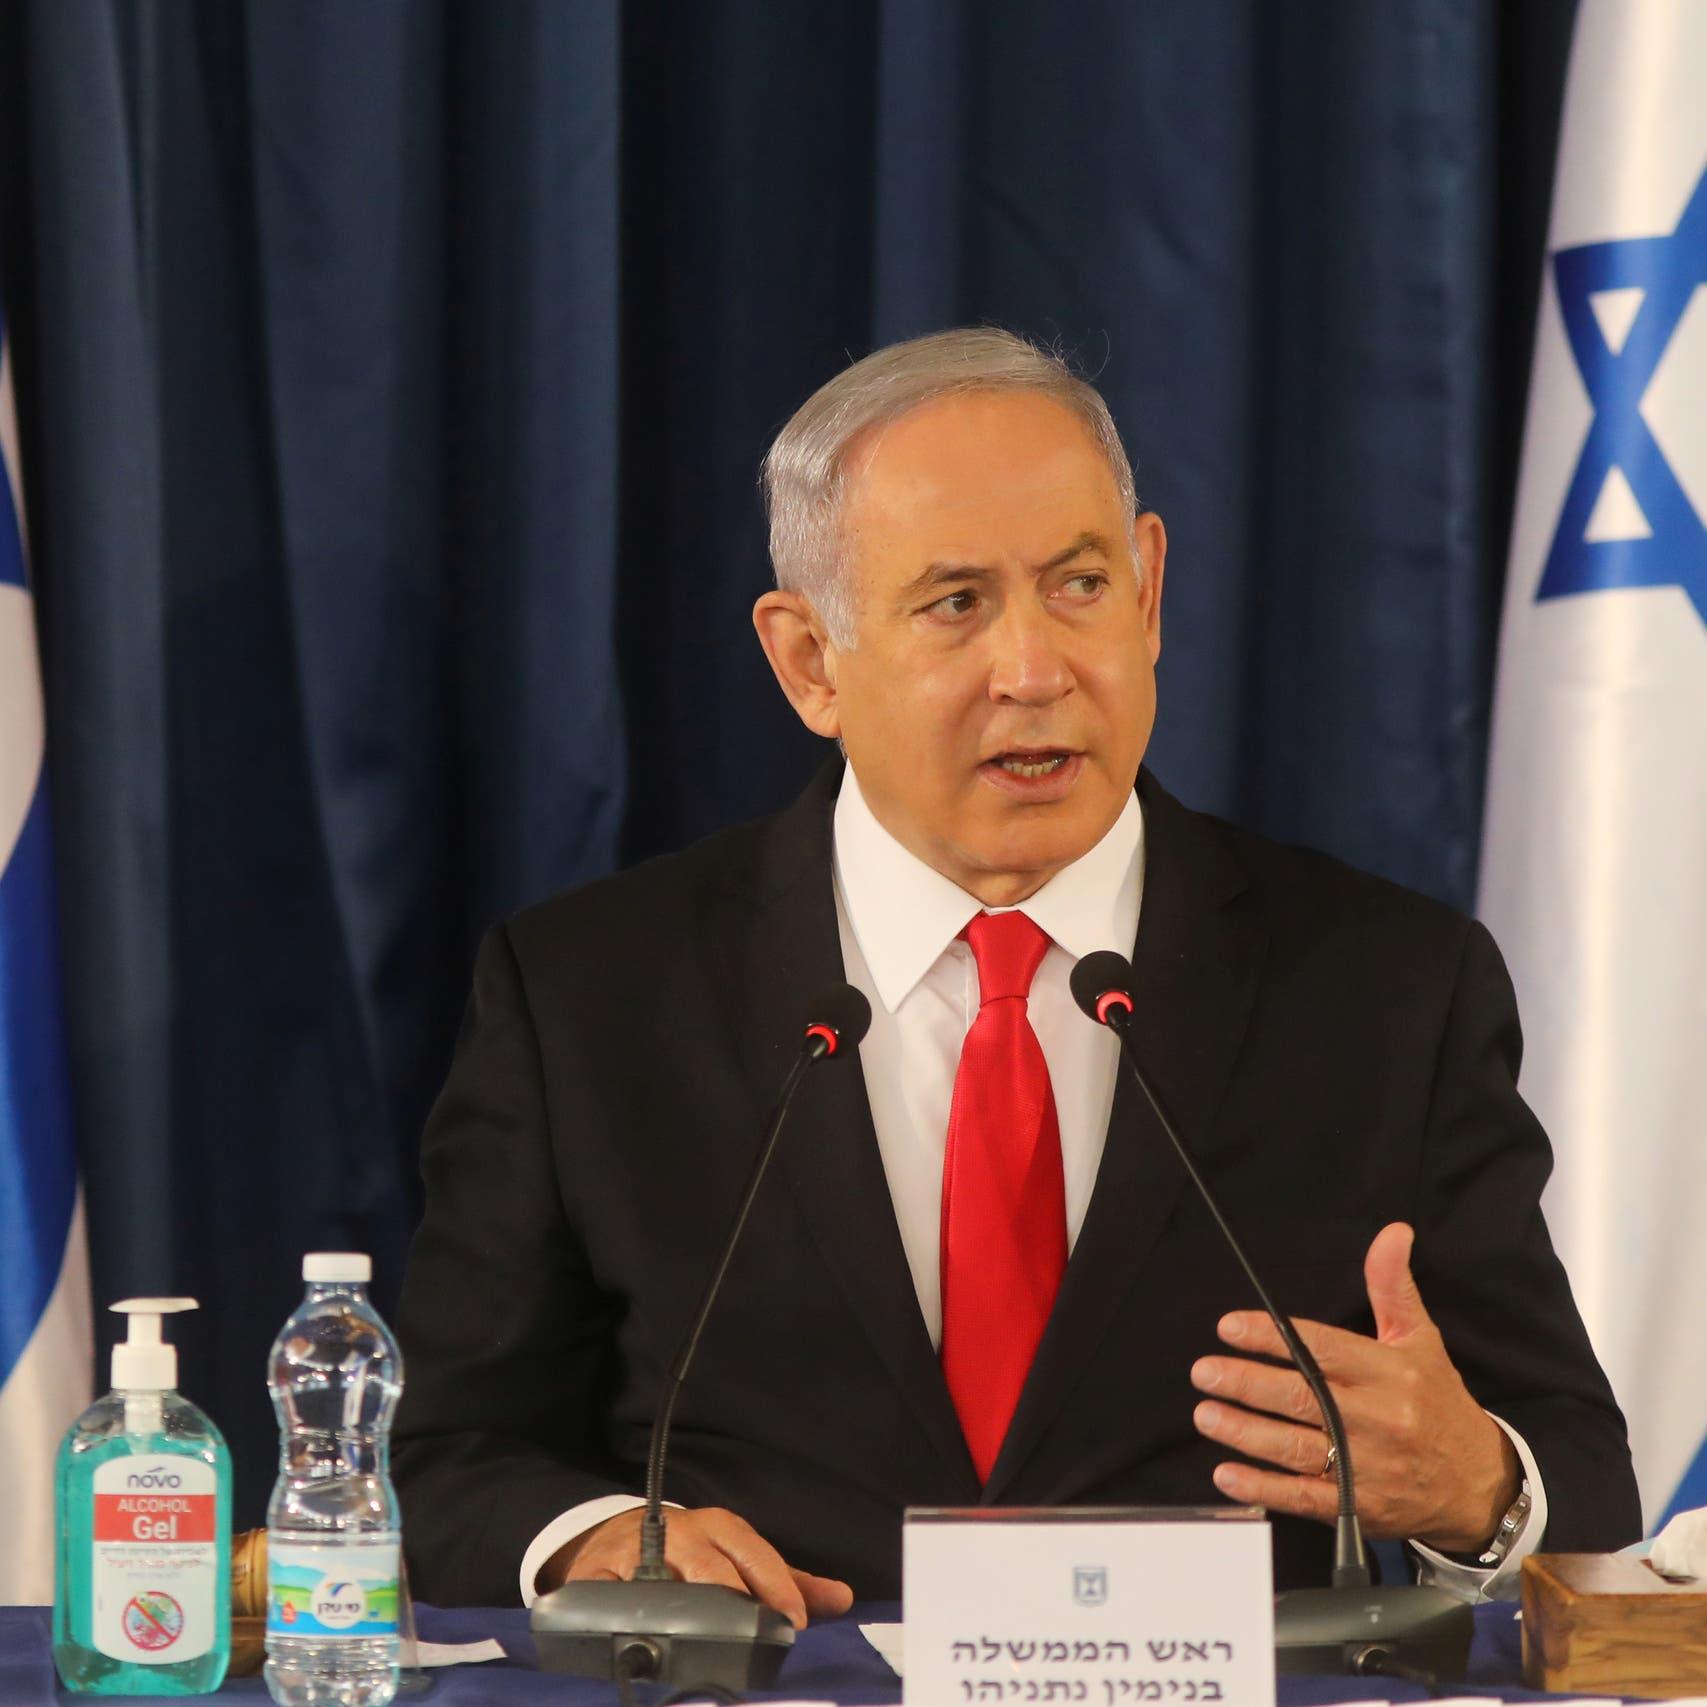 نتنياهو: كورونا لن يضعف عزيمتنا على التحرك ضد إيران